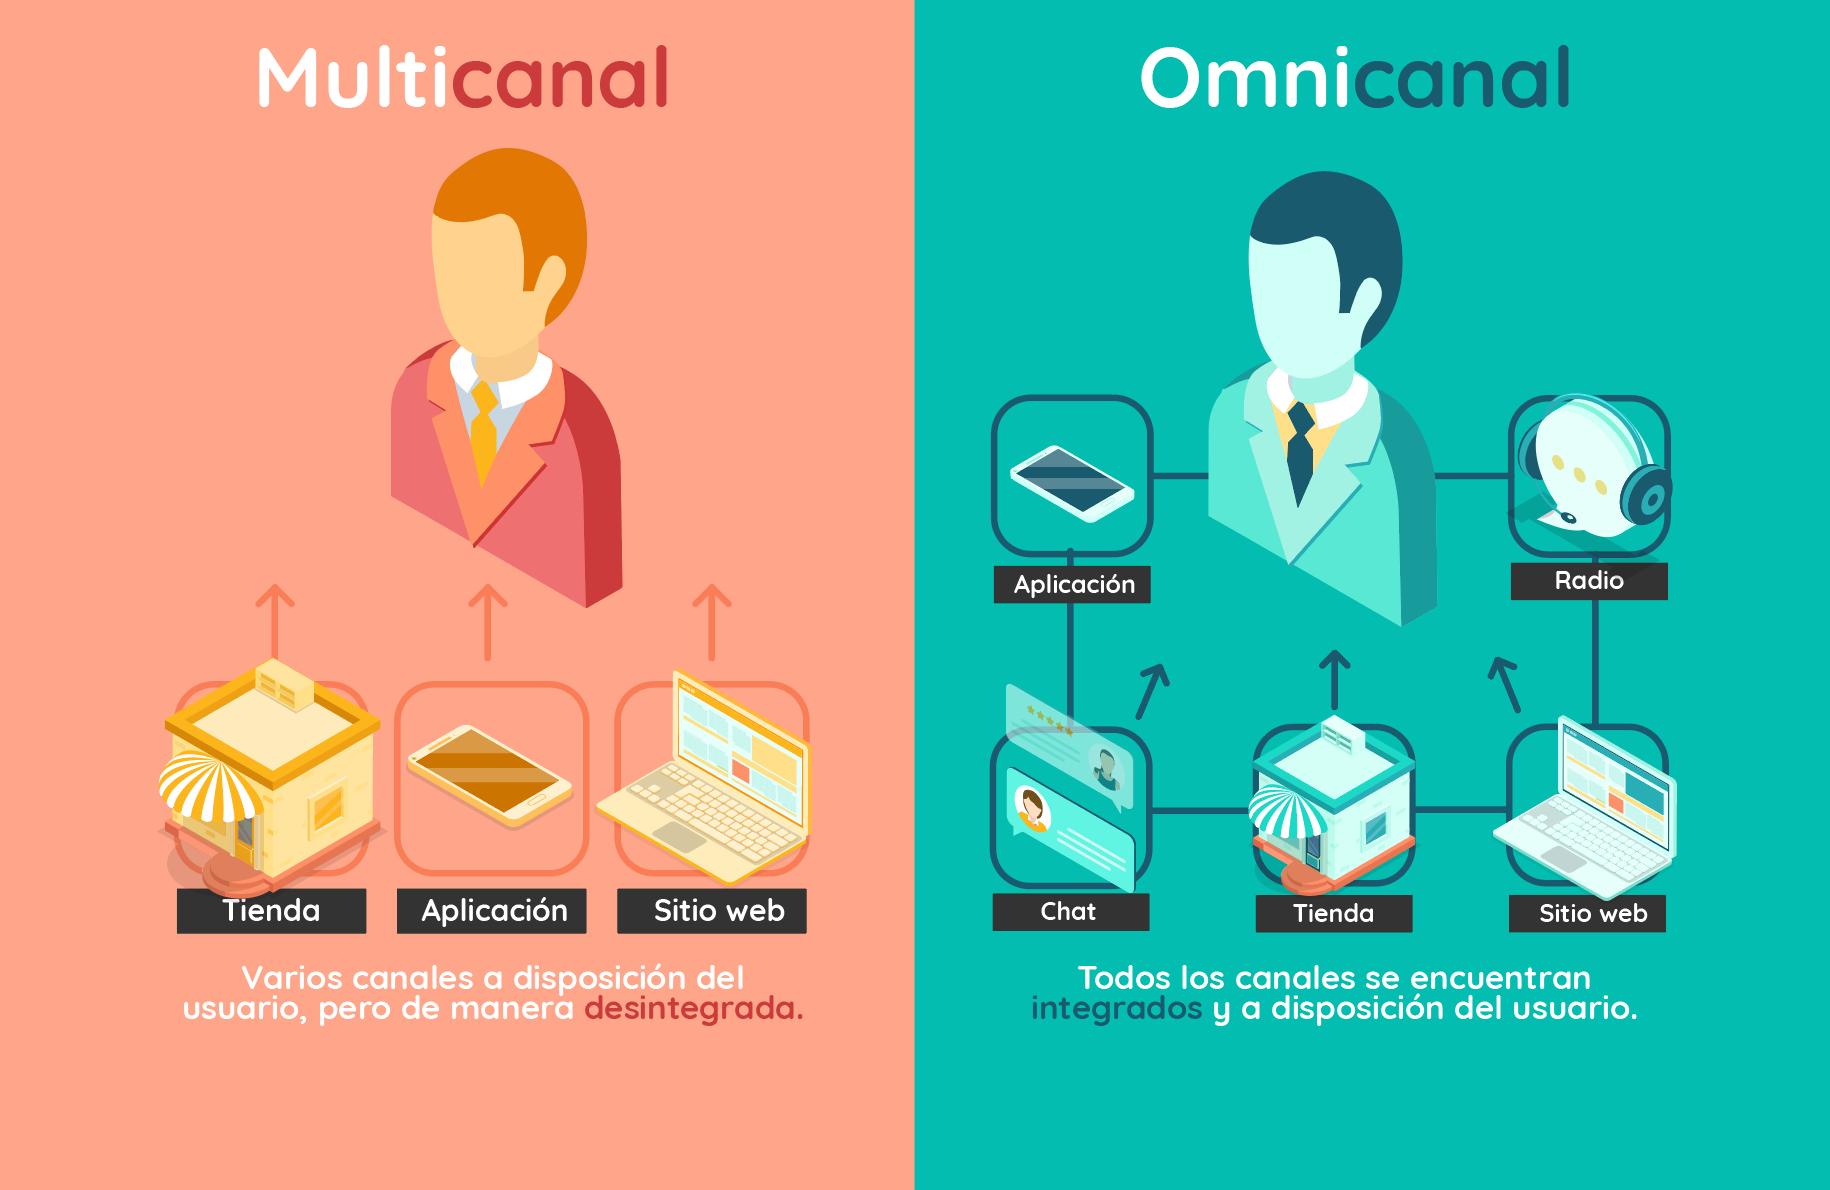 Diferencias entre Multicanal y Omnicanal